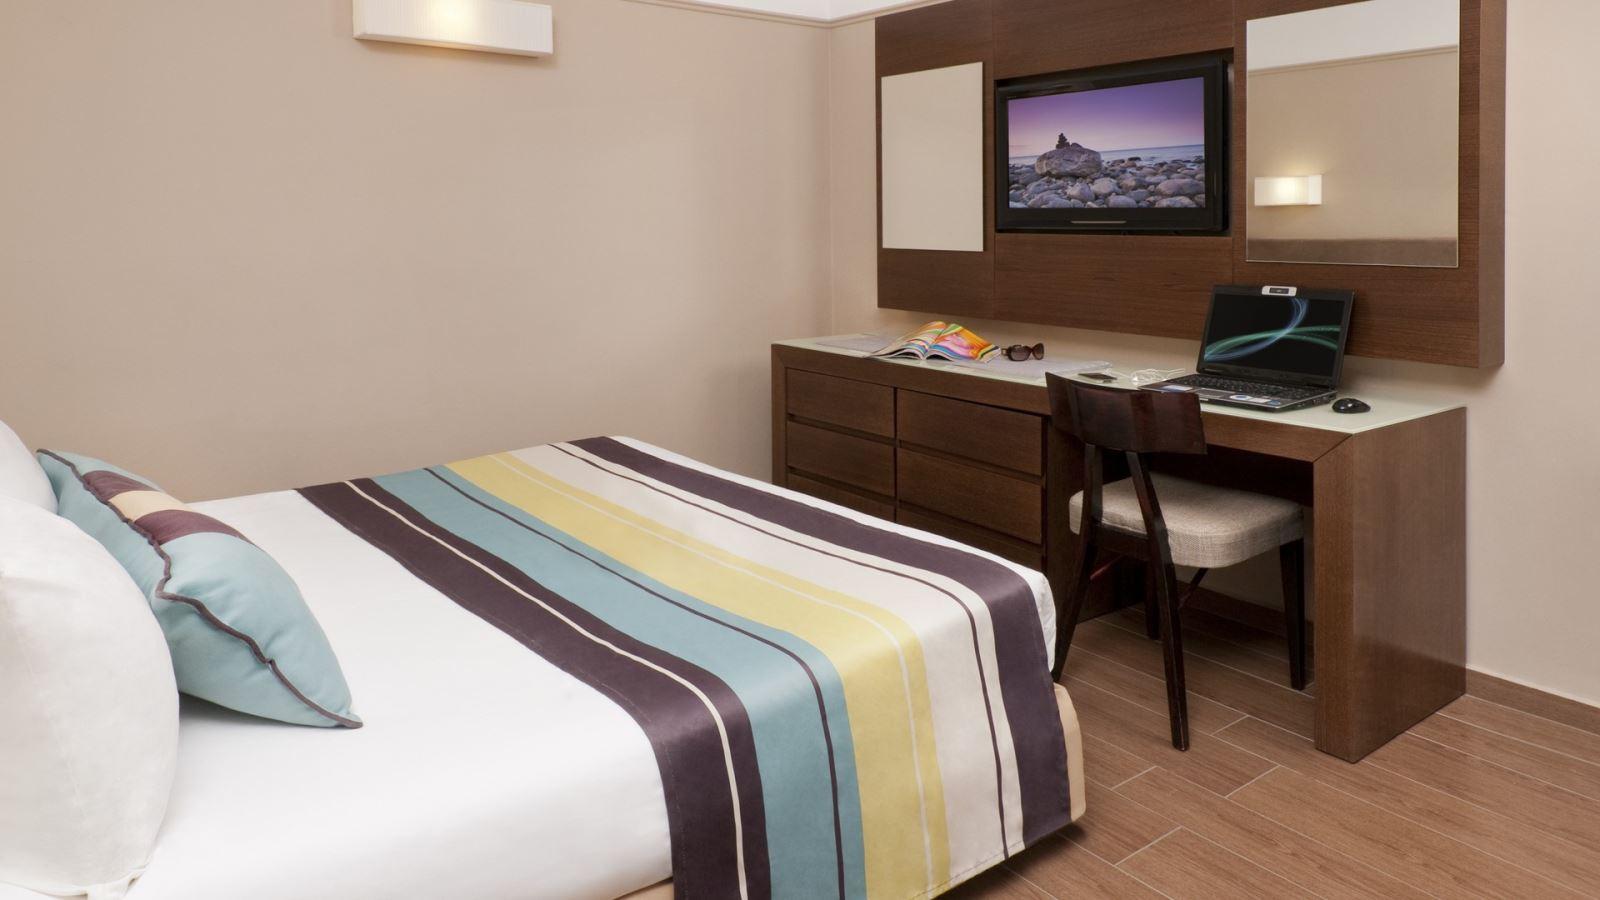 הזדמנות נפלאה לחופשה במלון יו סאנרייז אילת ב-40% הנחה!